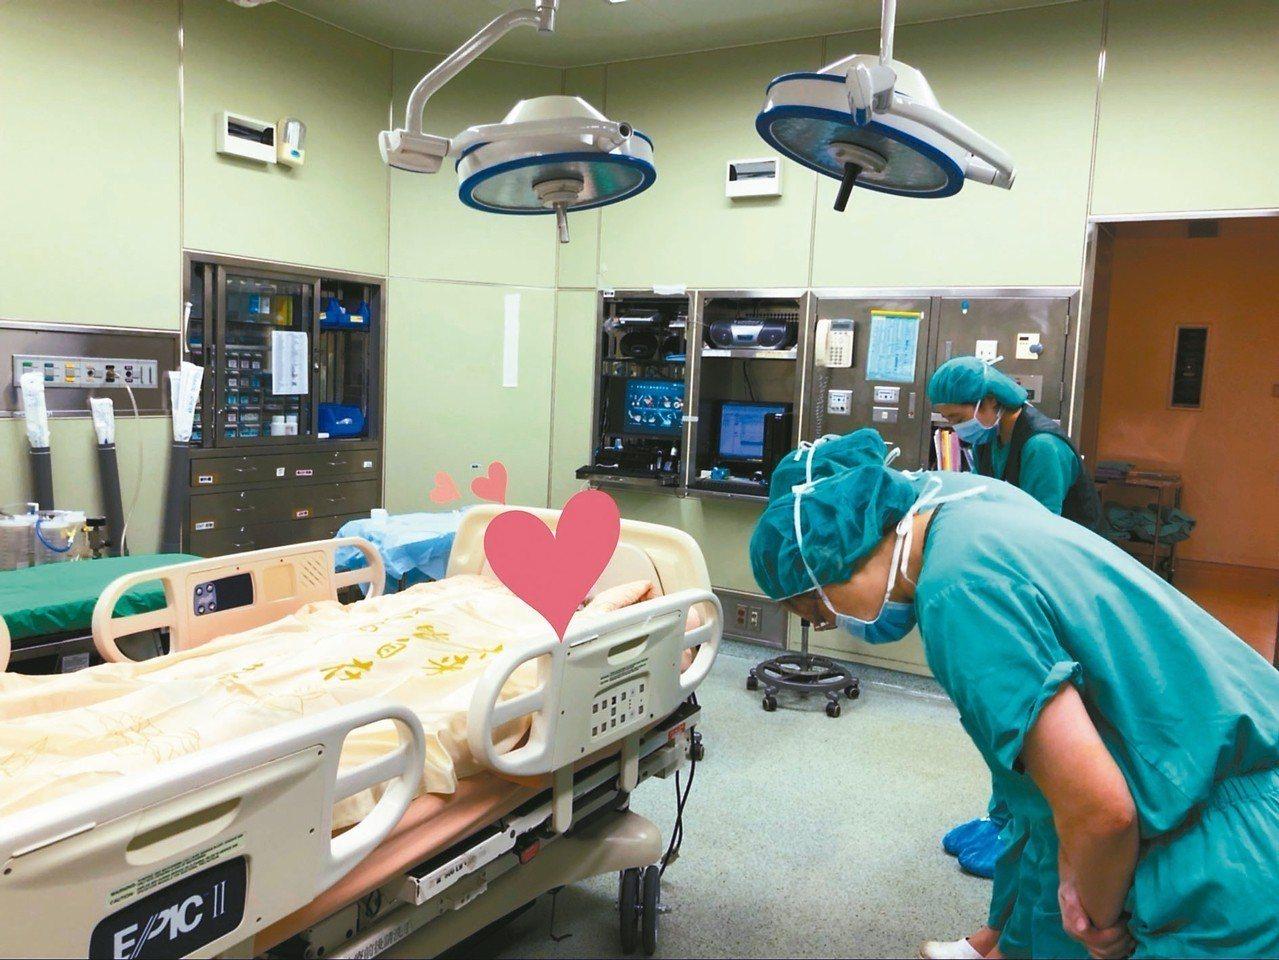 醫療團隊細細縫合了大愛器捐者的傷口,最終深深一鞠躬感謝大愛老師。 圖╱林資菁社工...